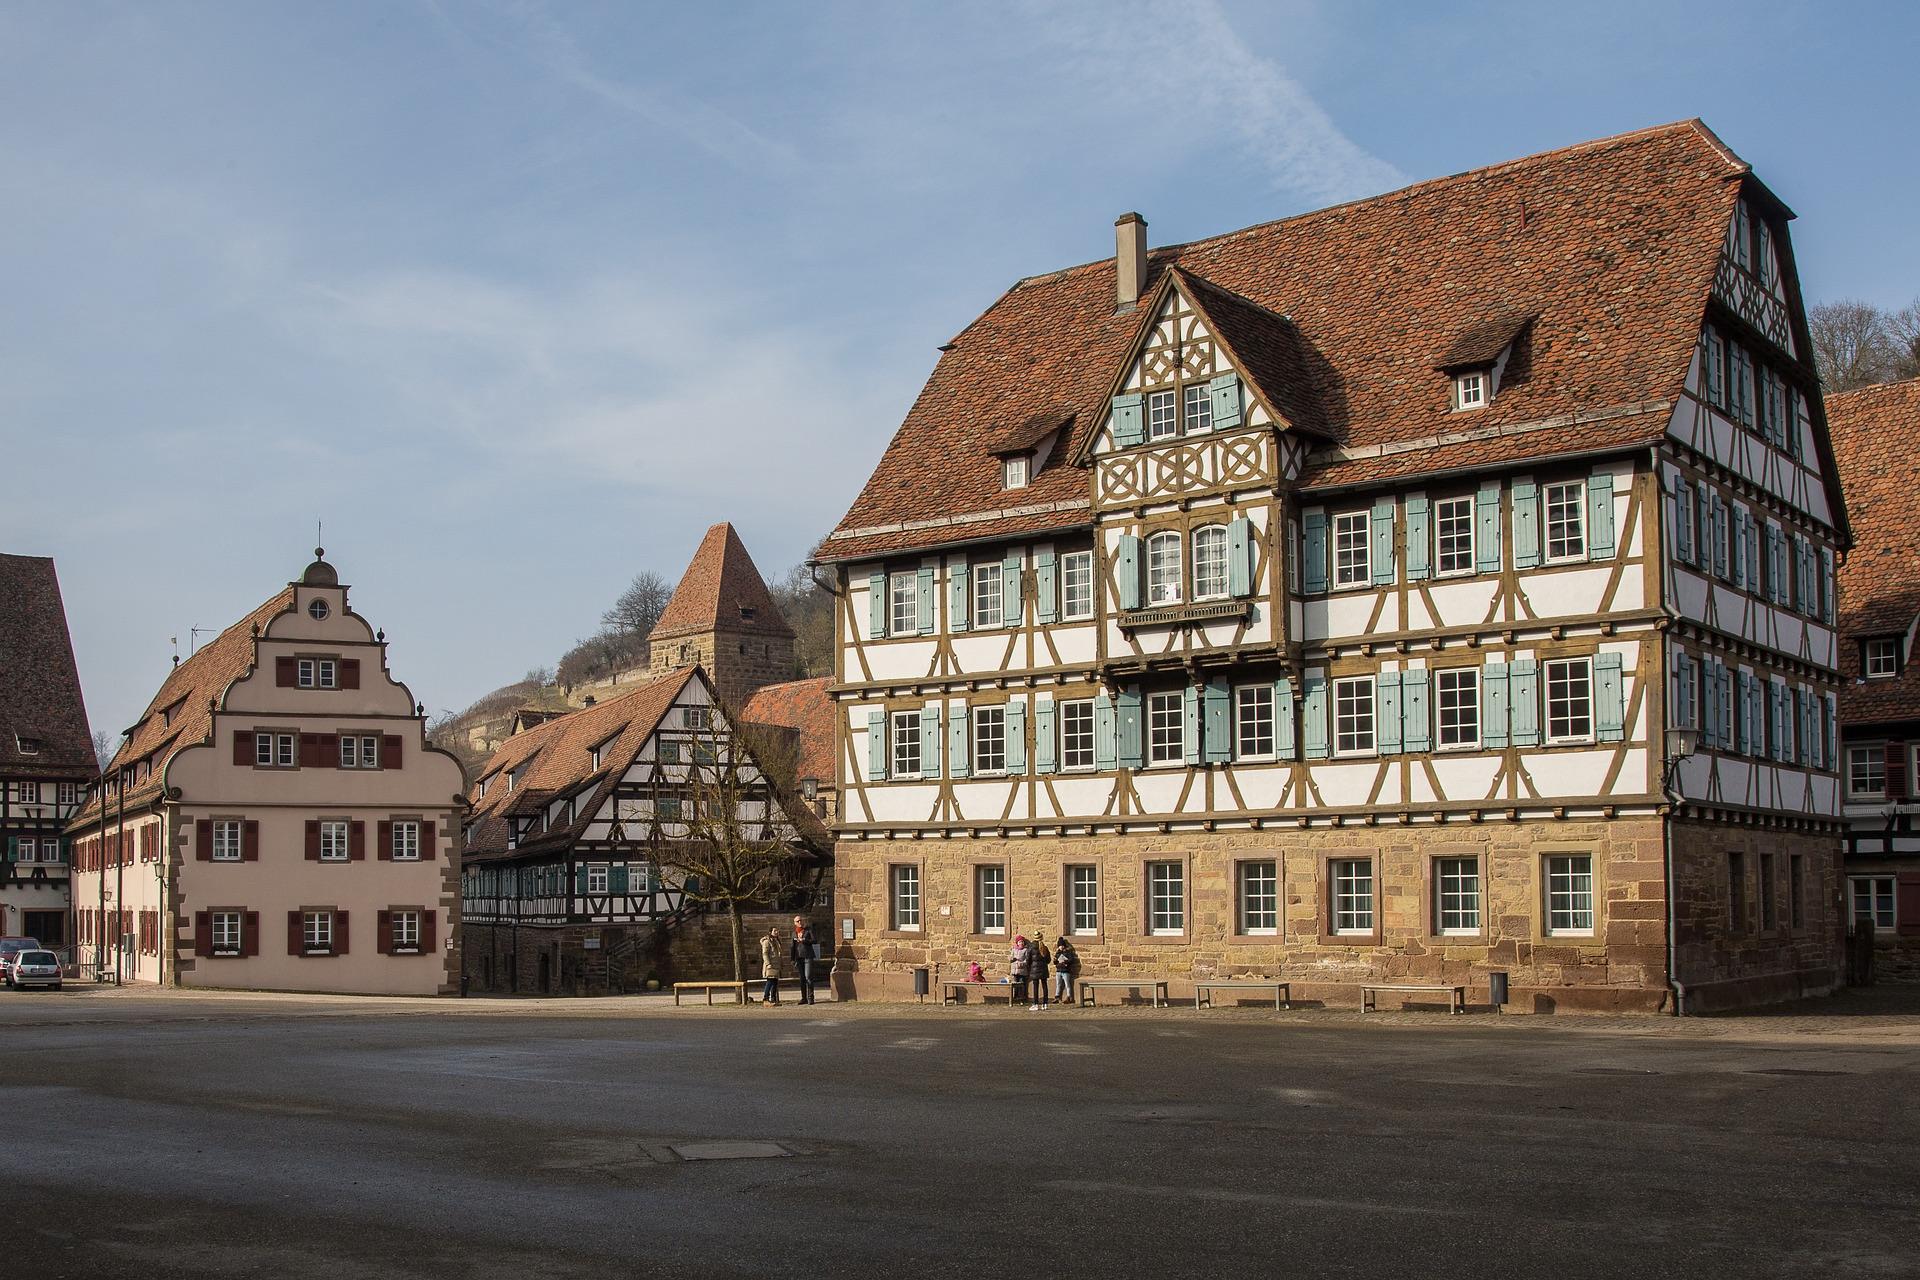 Einer der schönsten Familienausflüge in Baden-Württembergs ist das Kloster Maulbronn